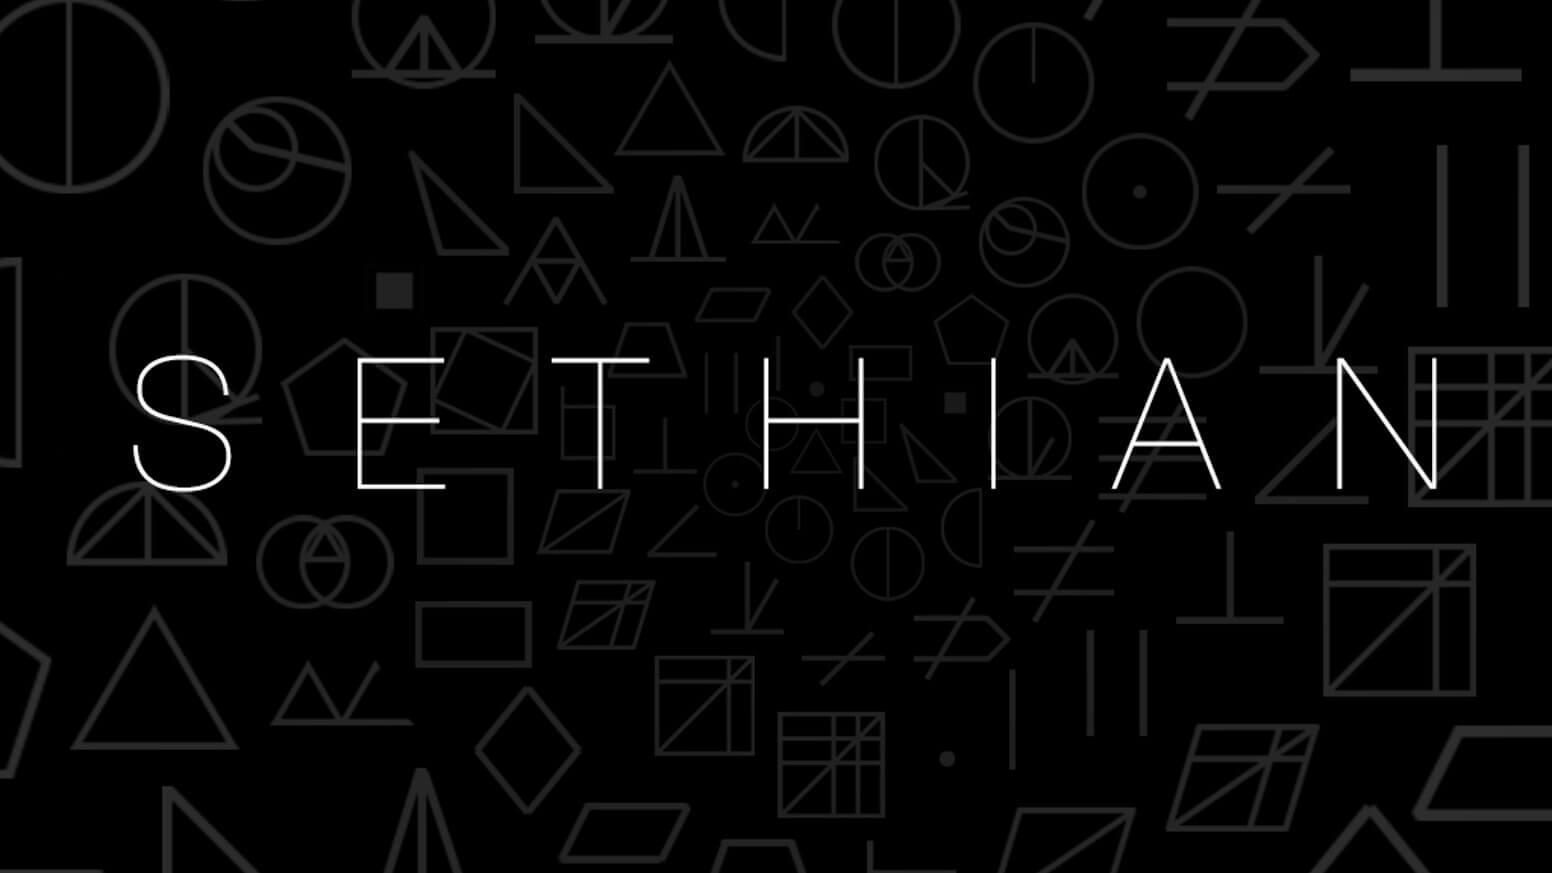 sethian-jeu-logo